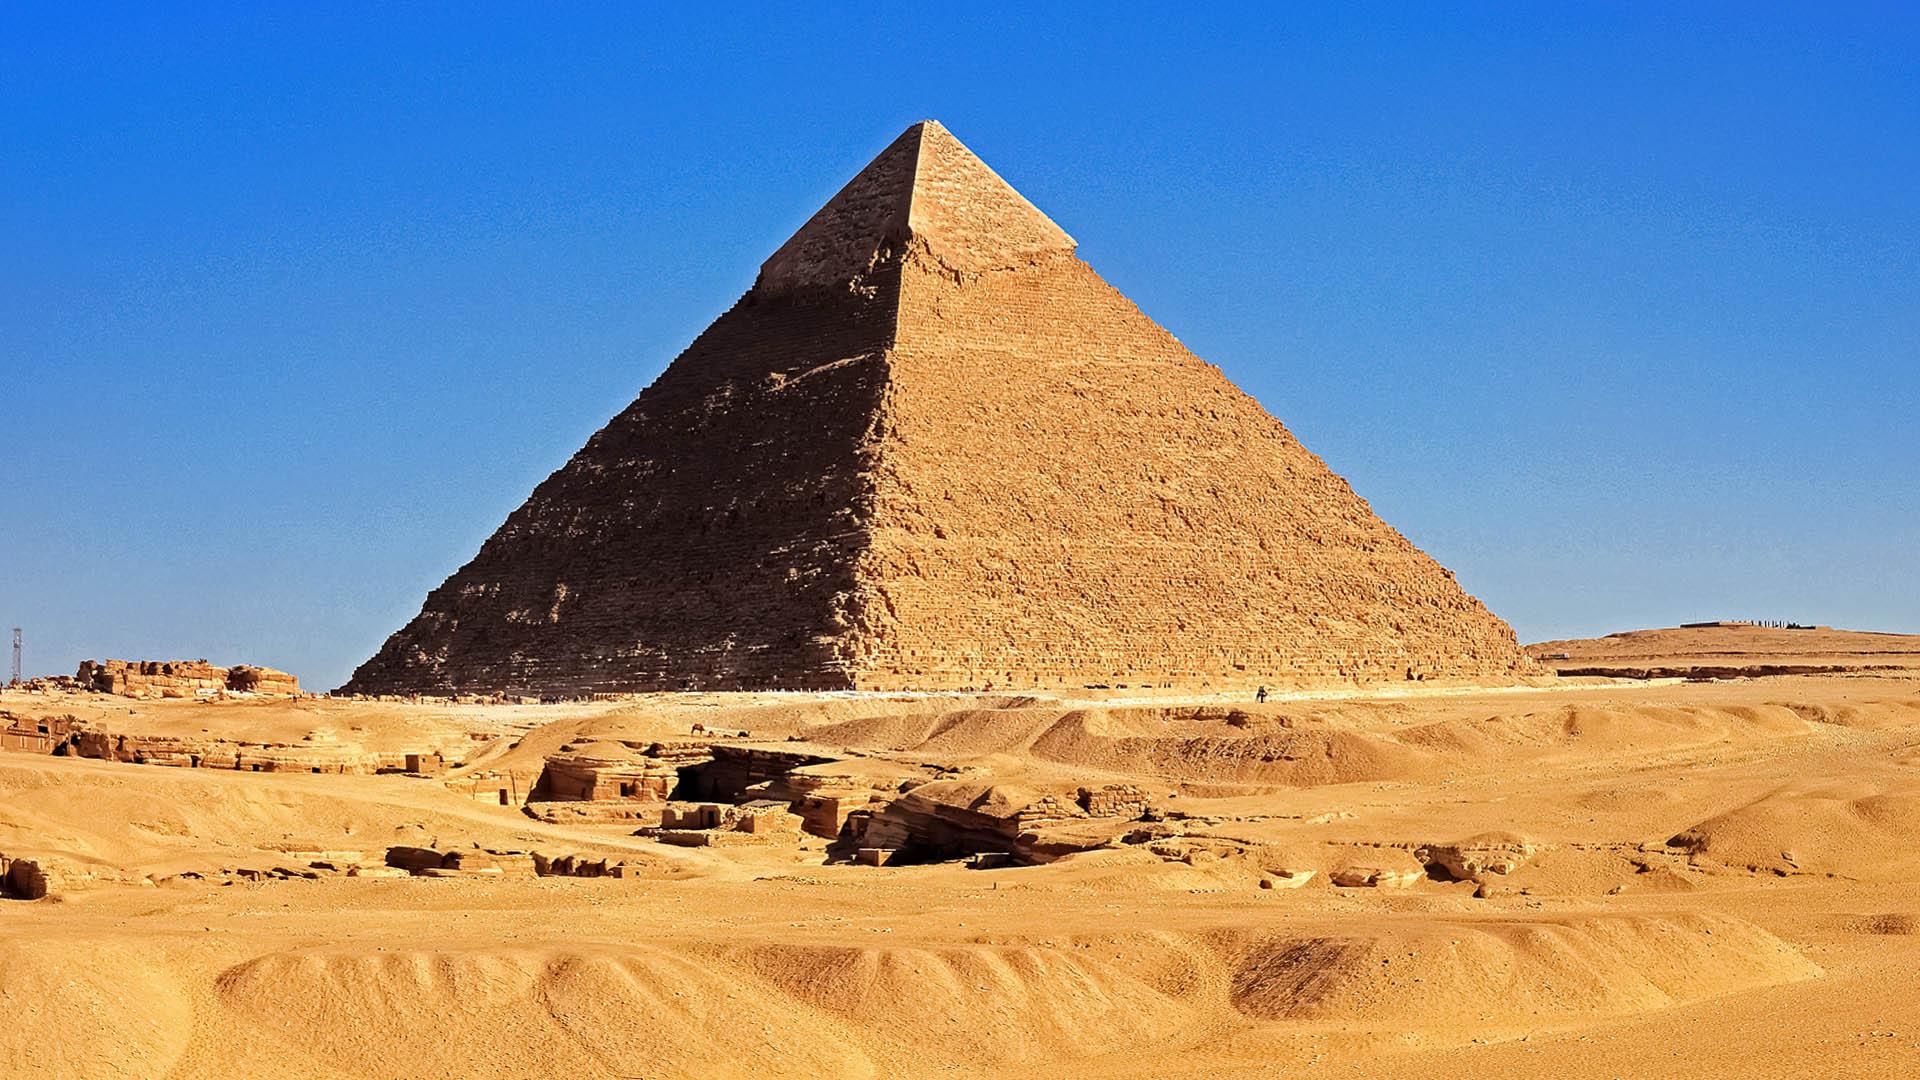 египетская пирамида. кто создал бога?